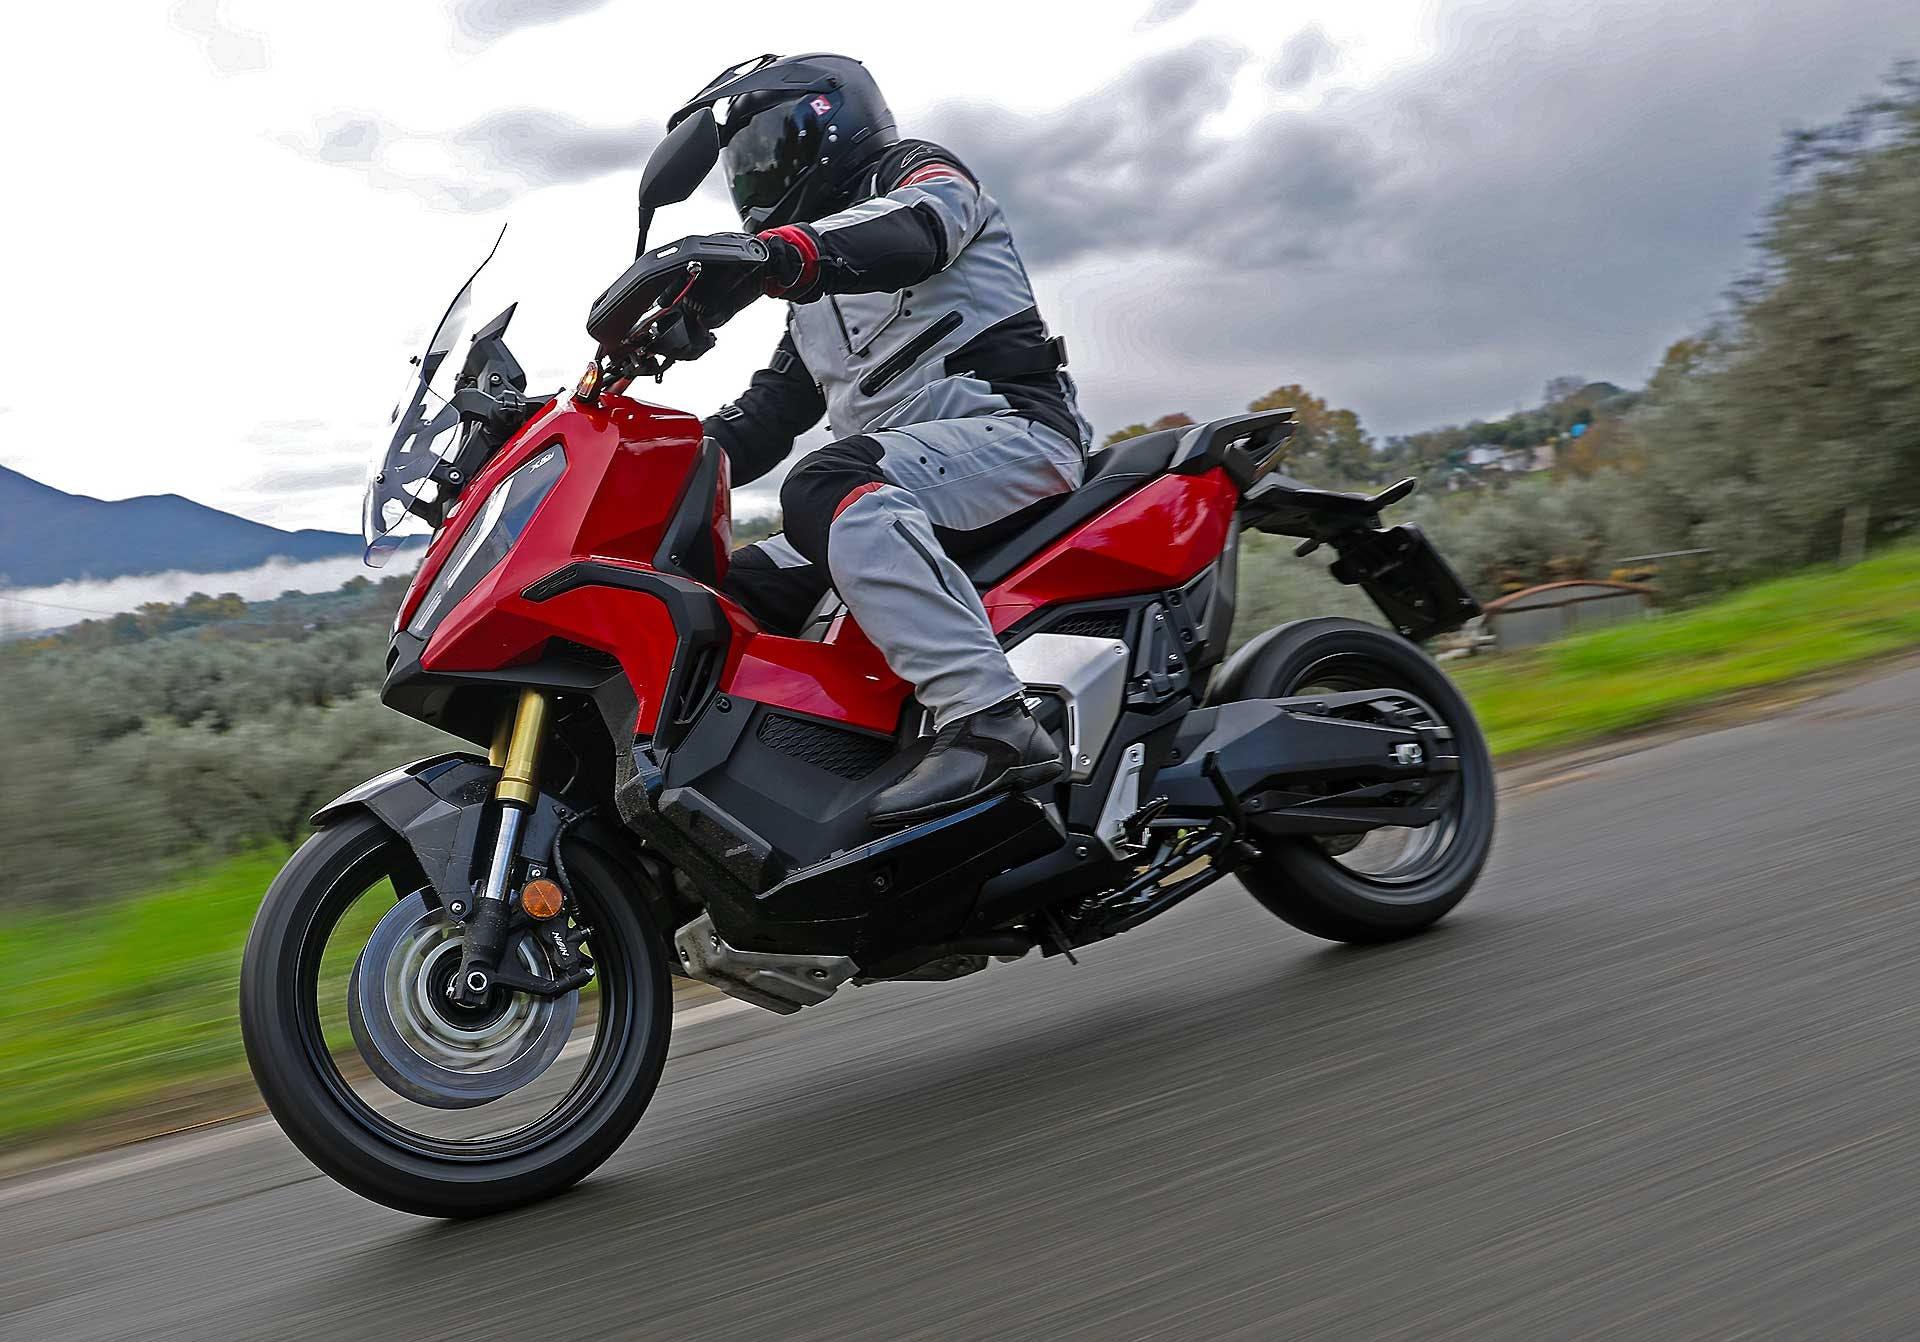 Moto Honda ADV 150 - 2021 - R$ 21700.0